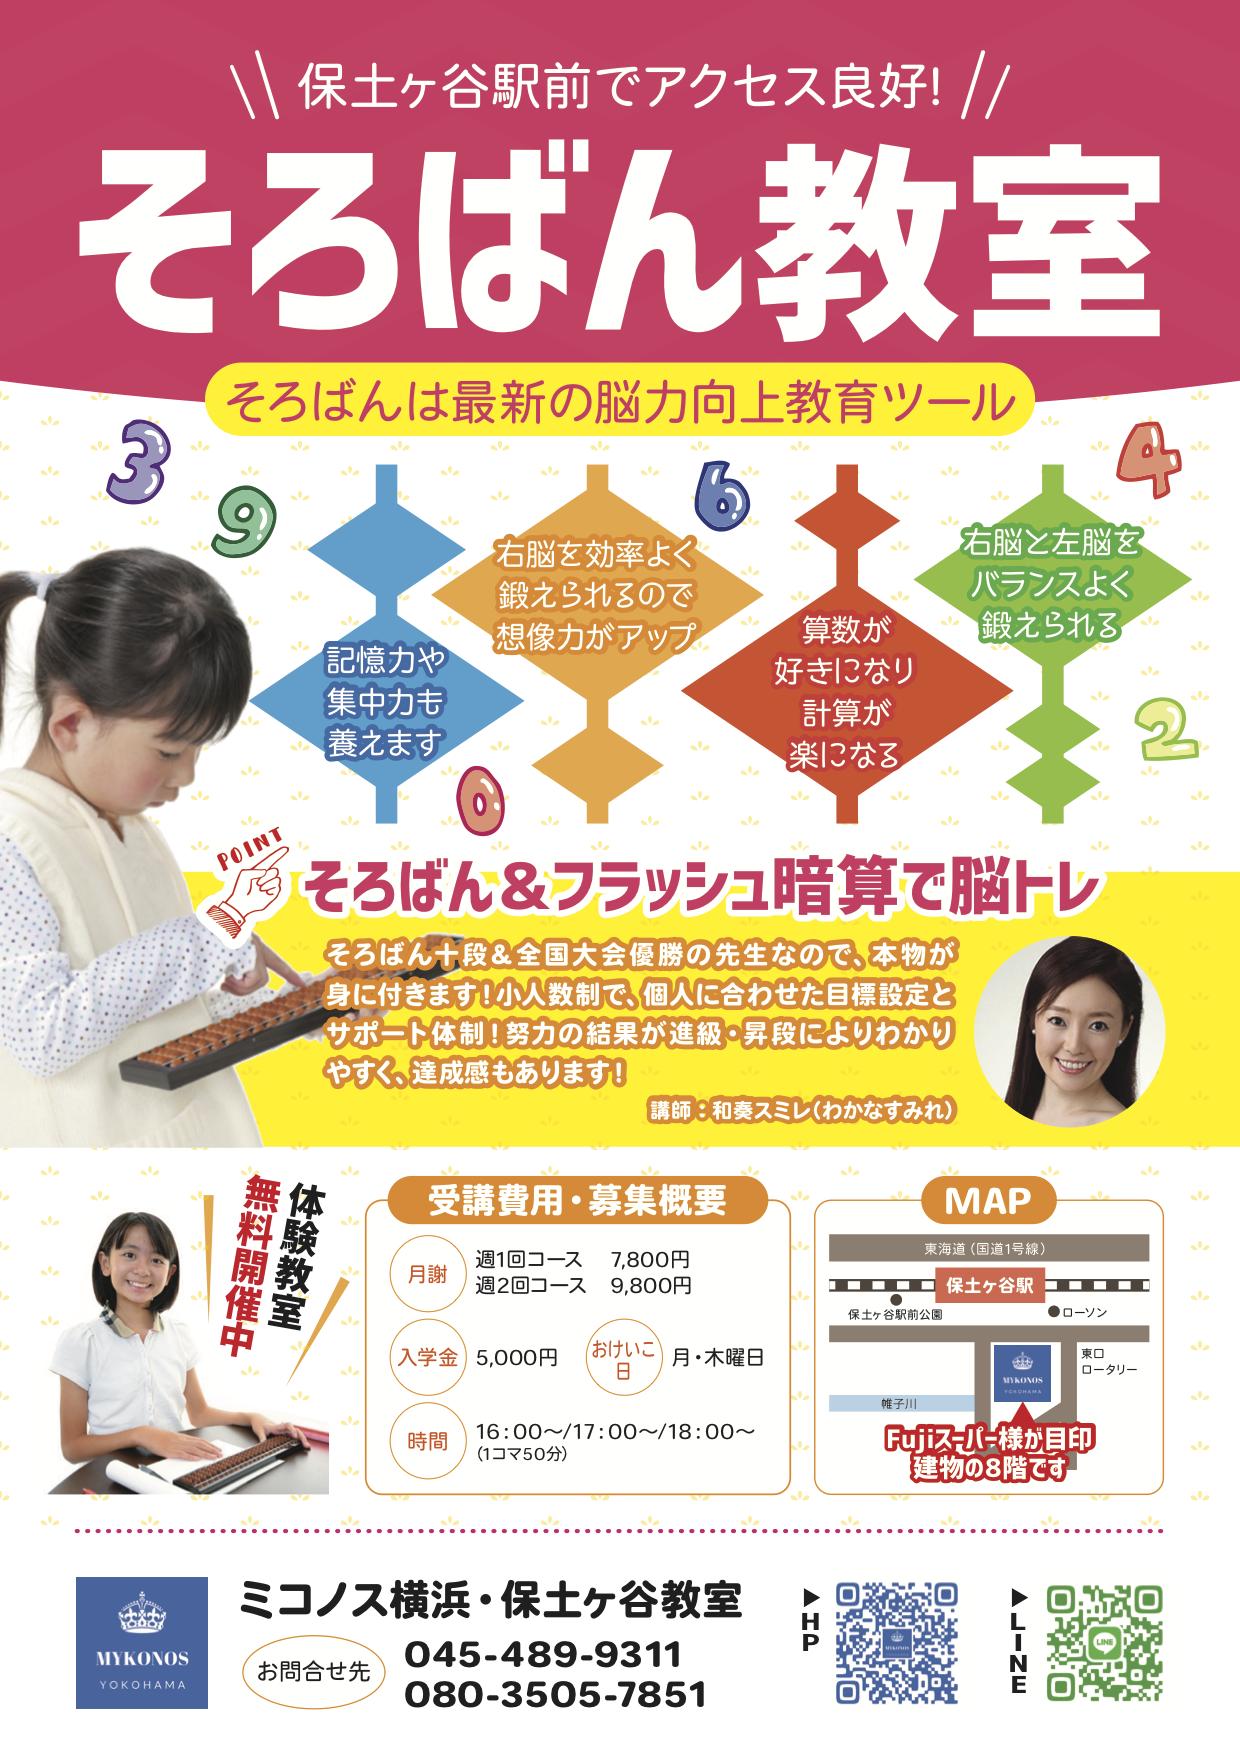 そろばん教室の新しいチラシデザインが完成!!(ミコノス横浜保土ヶ谷駅前)